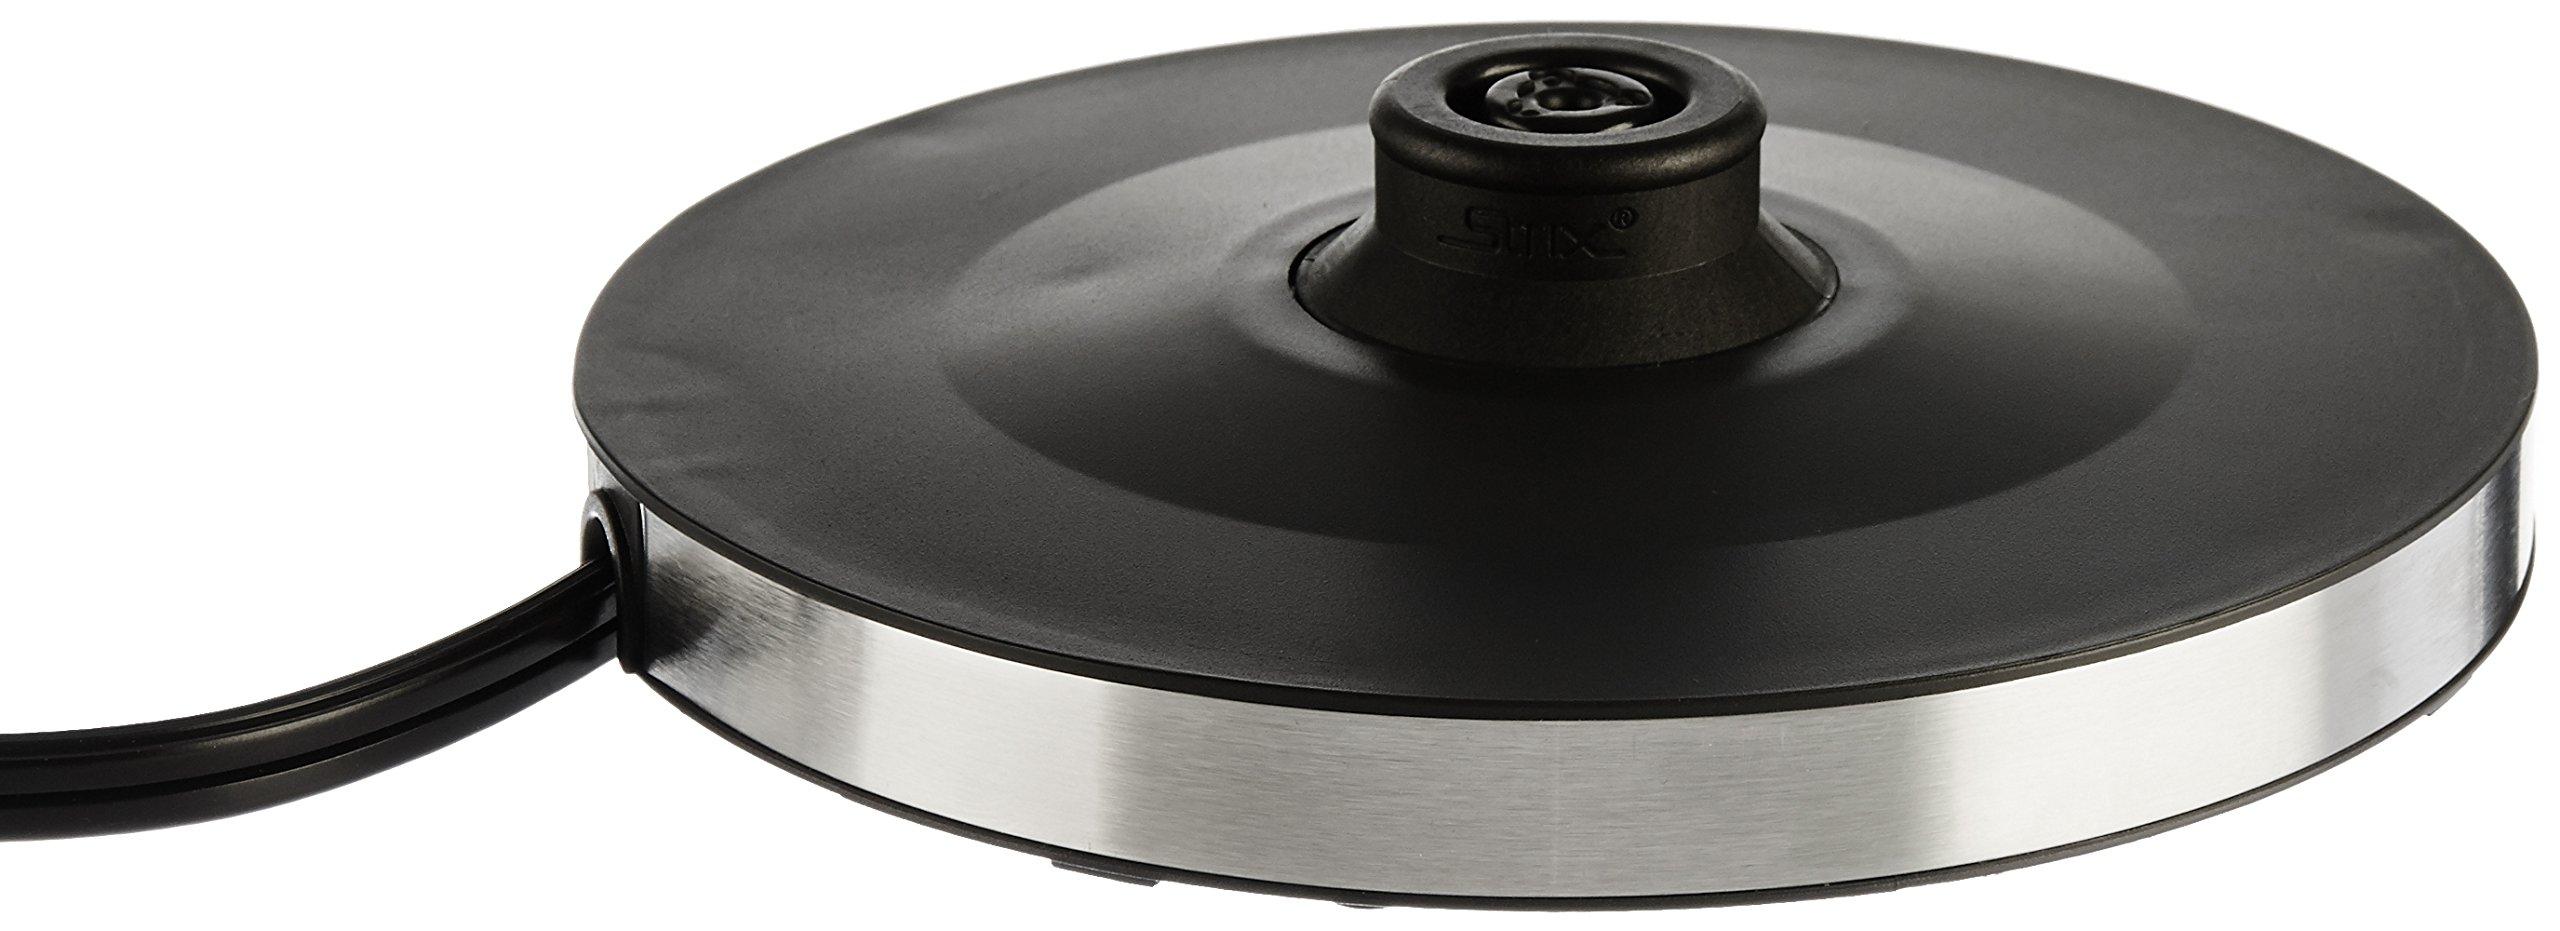 AmazonBasics-Elektrischer-Wasserkocher-aus-Edelstahl-1-l